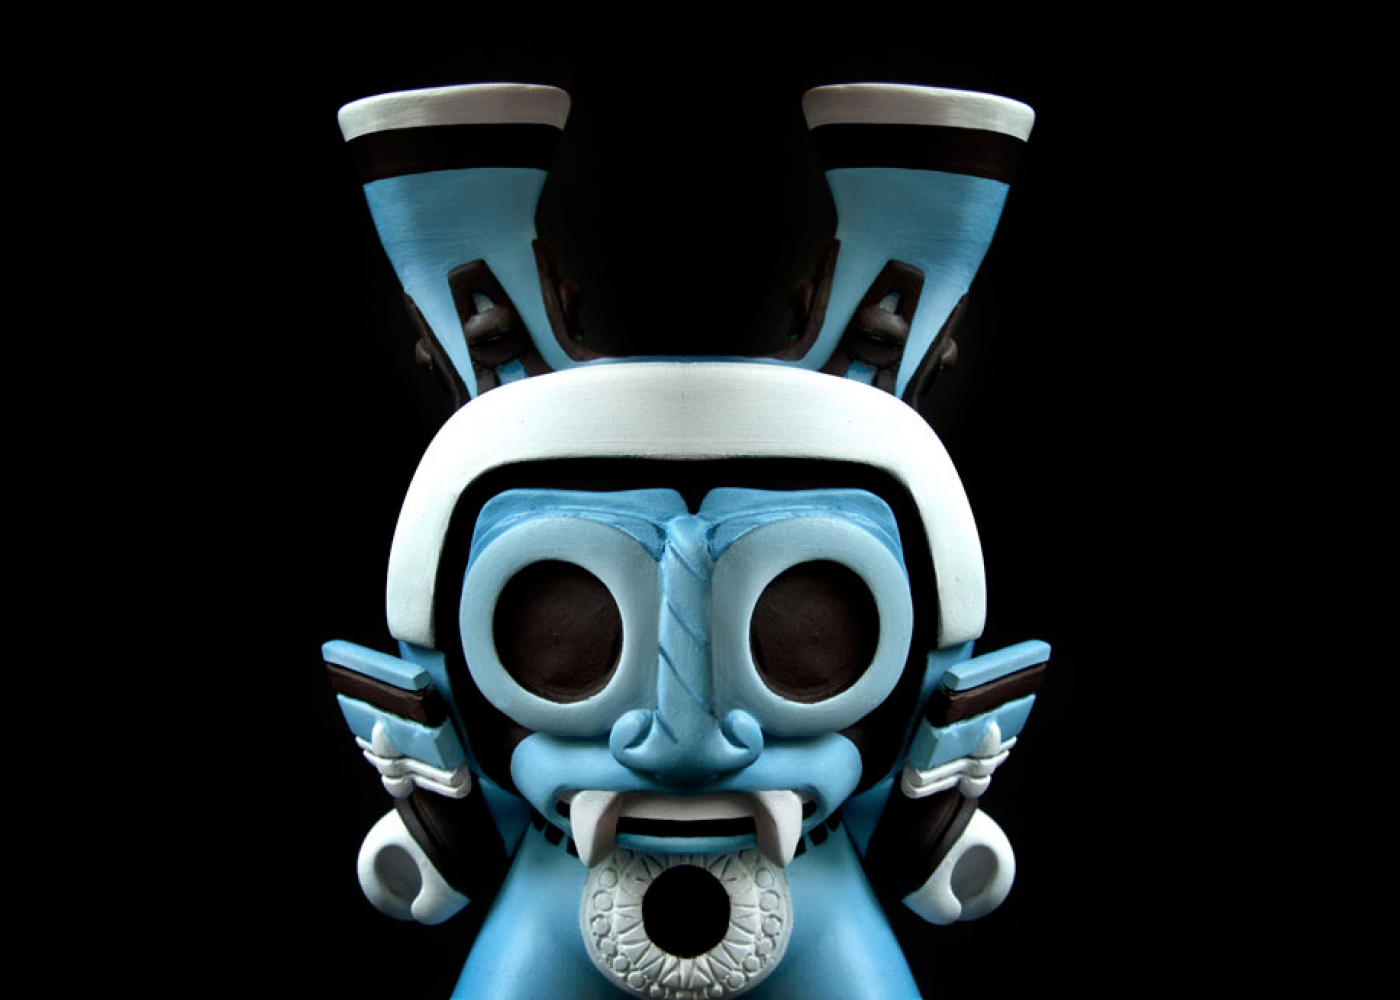 Erick Morales Dr. Morbito - figura de cerámica con forma de un demonio en tonos azules